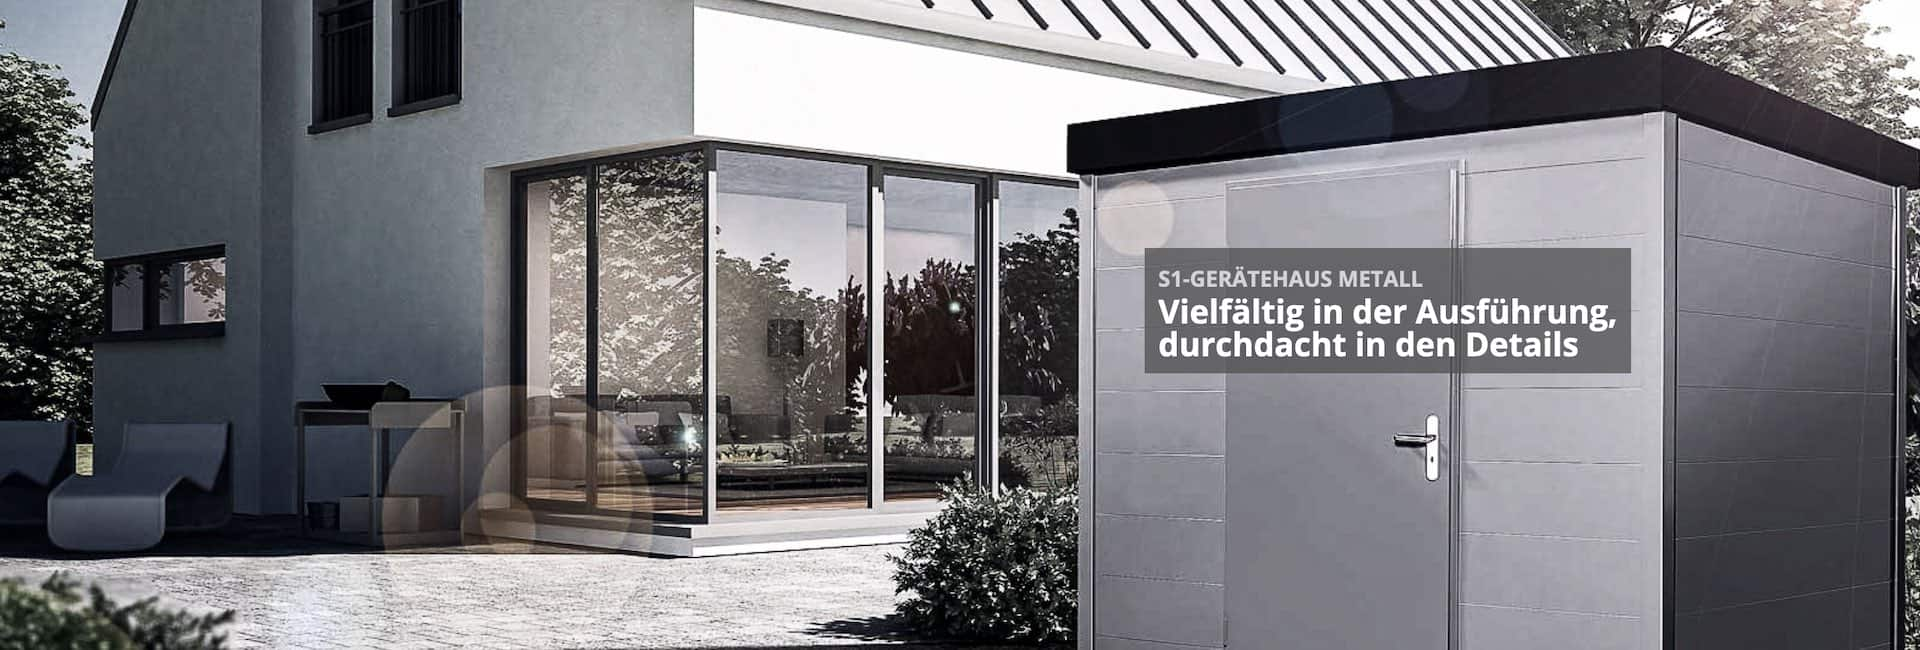 Gartenhaus S1 Metall 2021